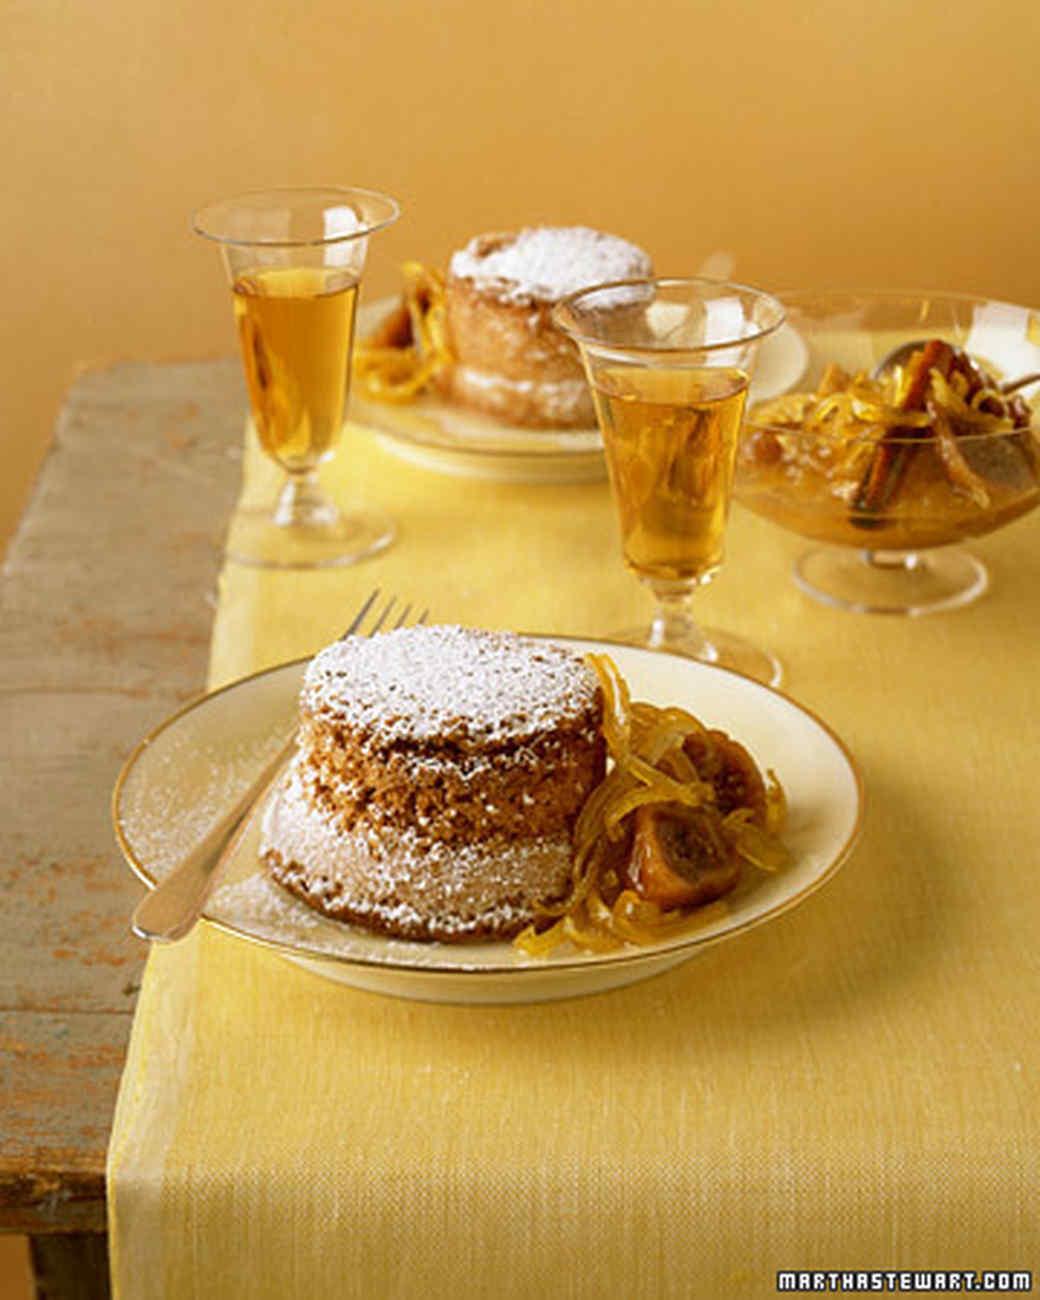 Saffron Cakes with Lemon-Fig Compote